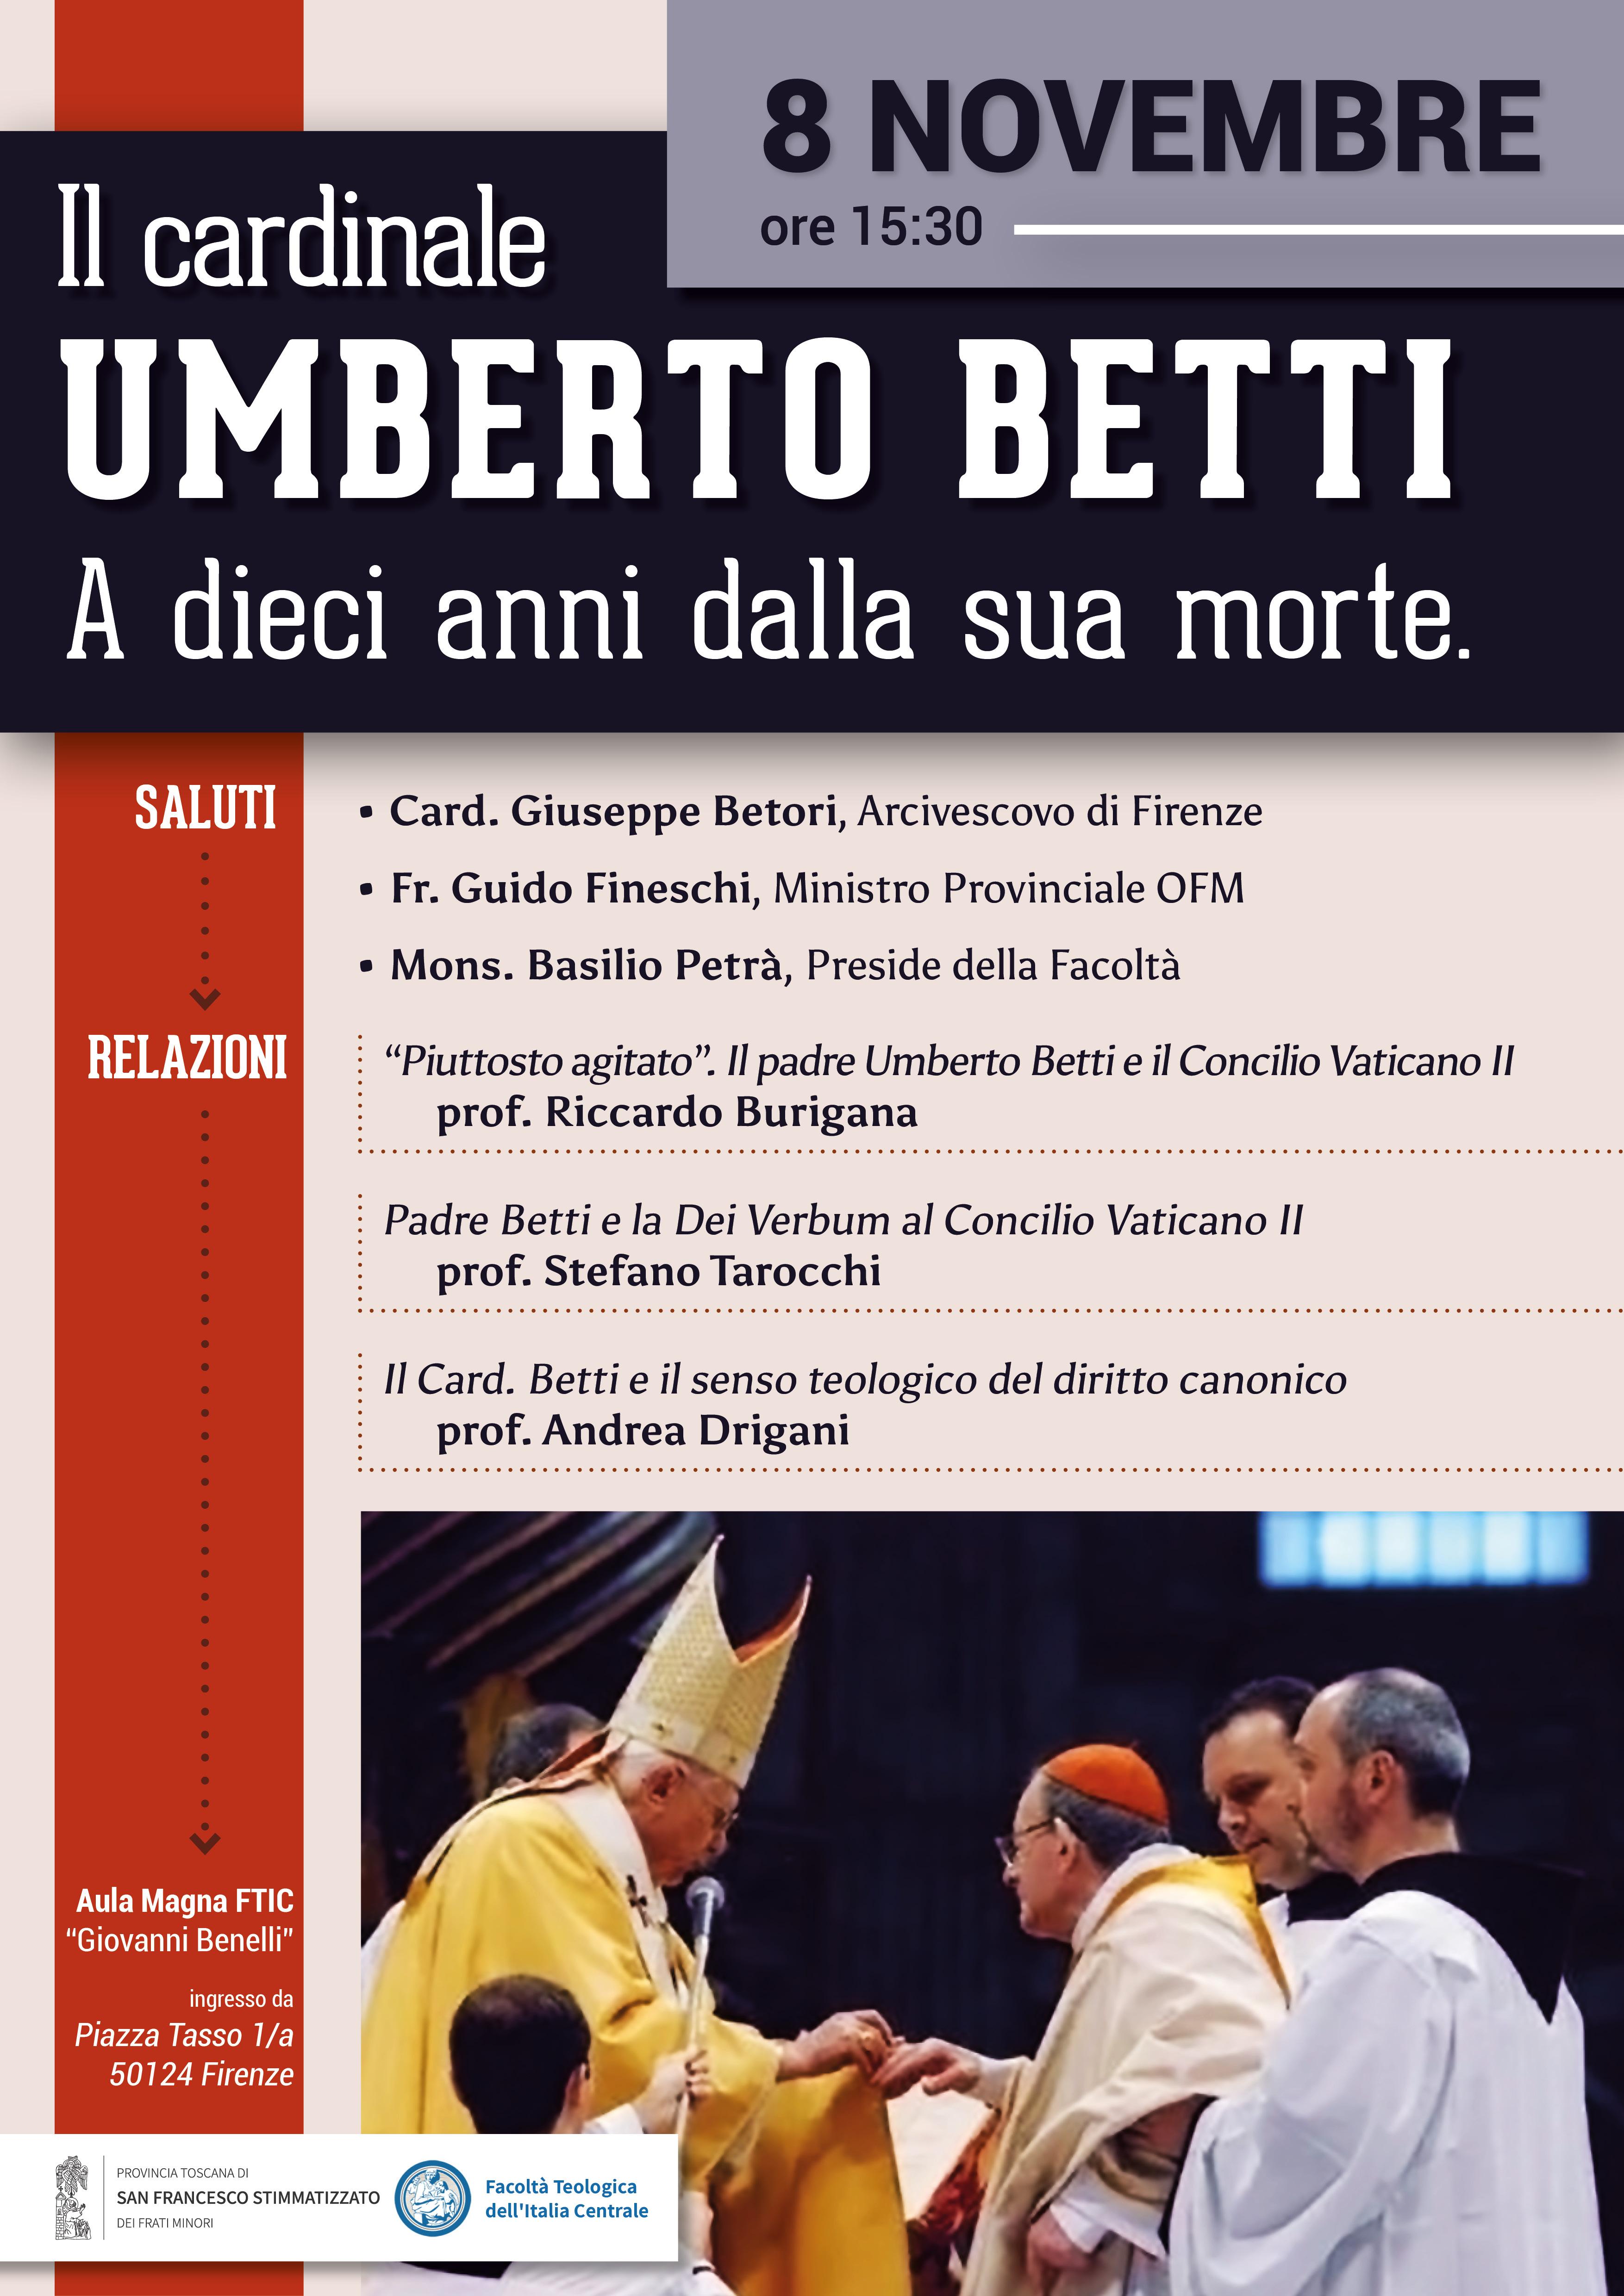 Il cardinale Umberto Betti a dieci anni dalla sua morte. 8 Novembre 2019